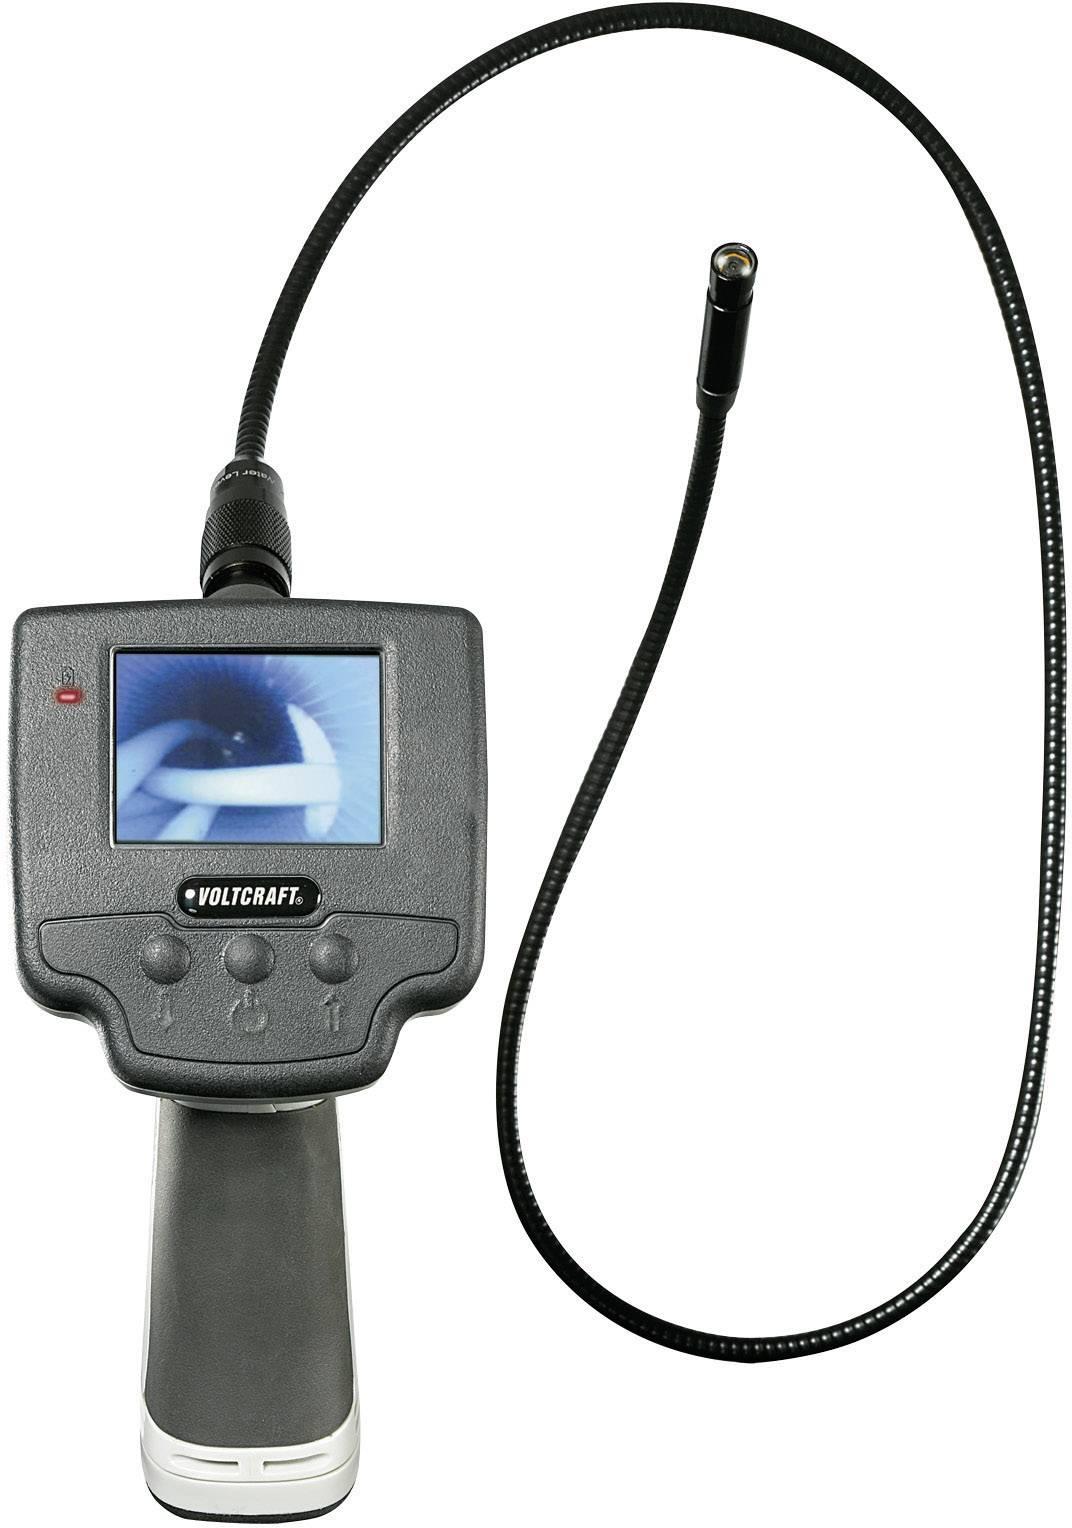 Vodotesný endoskop VOLTCRAFT BS-100XIP, Ø sondy 9.8 mm, dĺžka sondy 88 cm, IP67